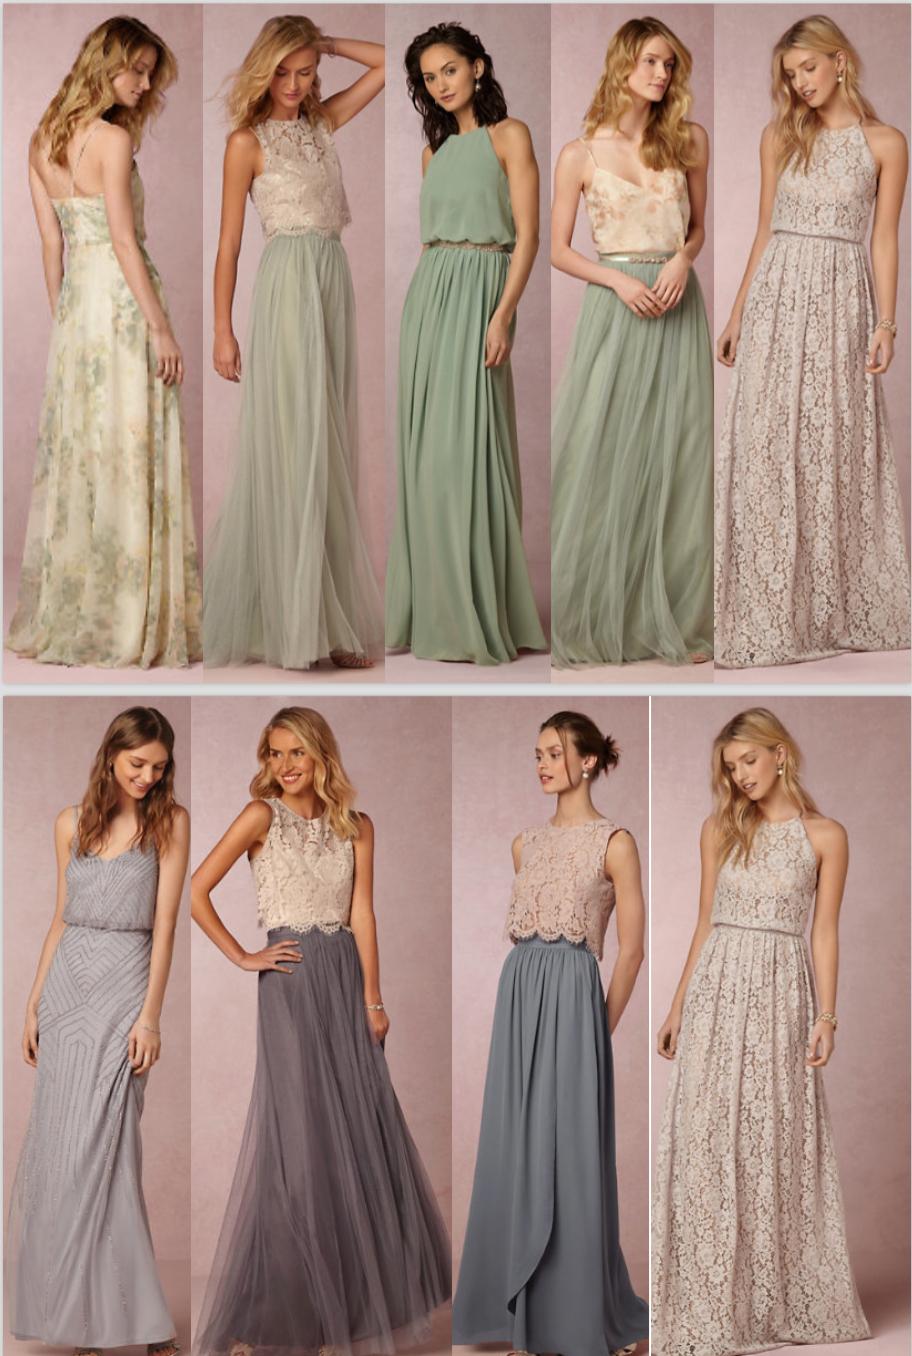 Brautkleider In Pastell Tönen  Trauzeugin Kleid, Kleid - Abendkleid